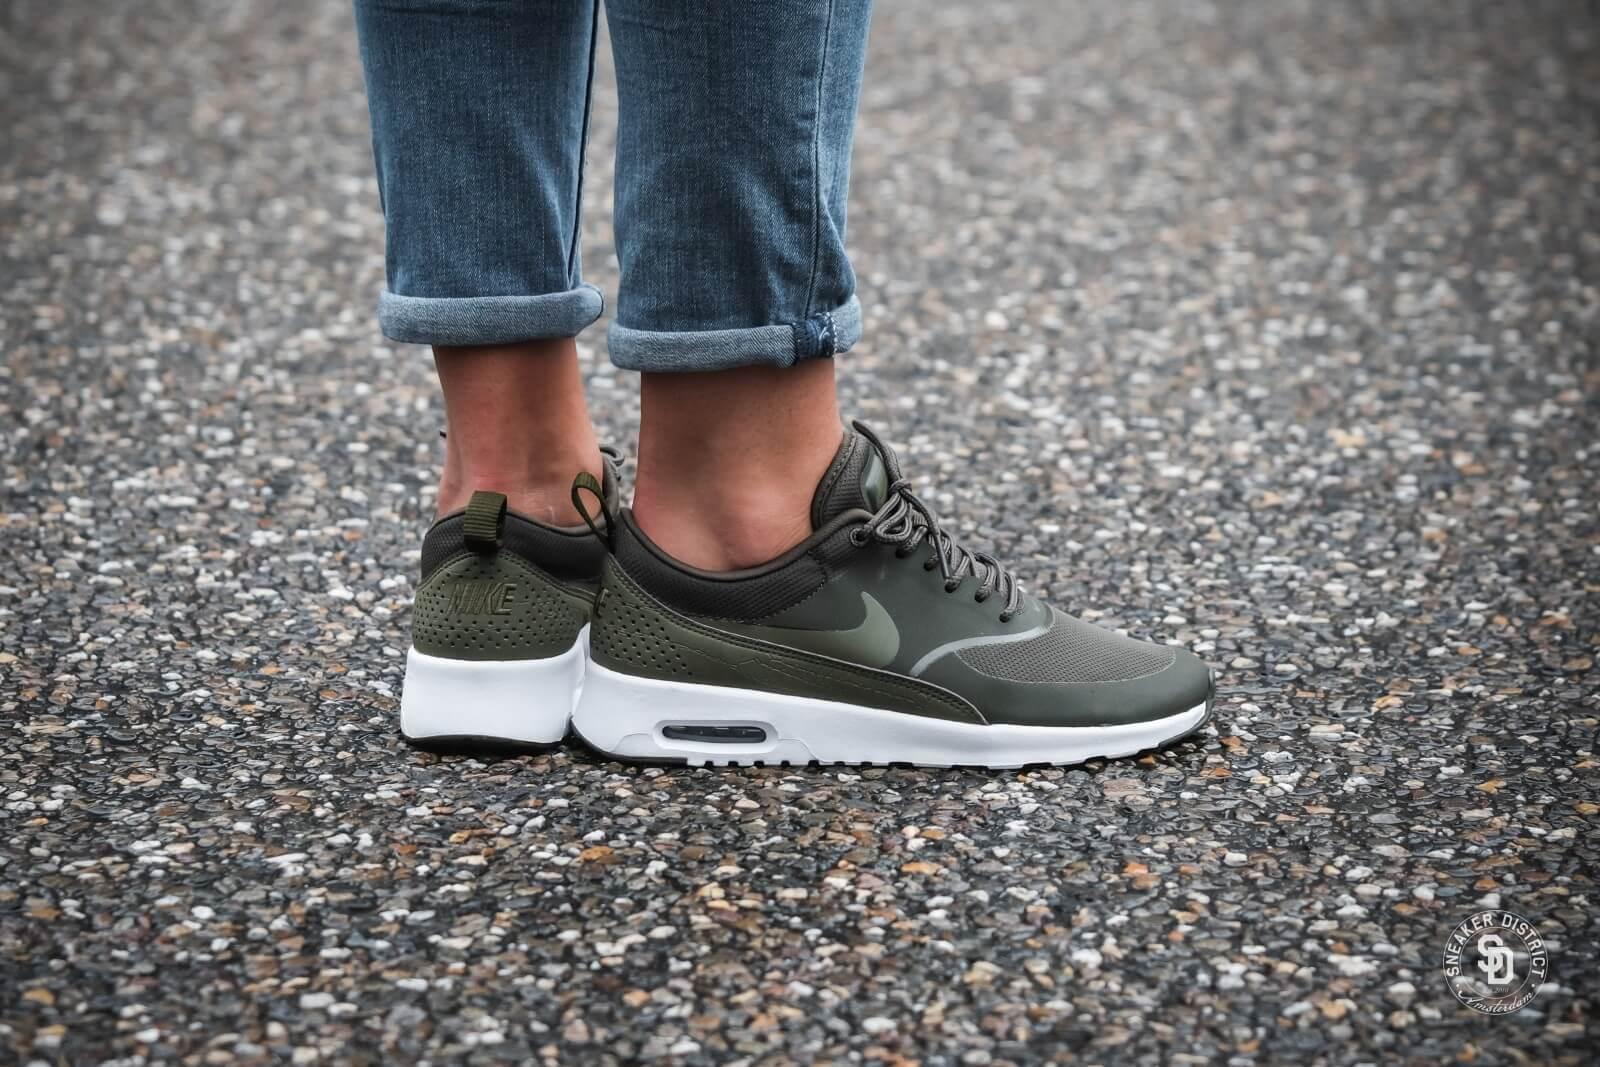 Nike Women's Air Max Thea Cargo KhakiMedium Olive 599409 309